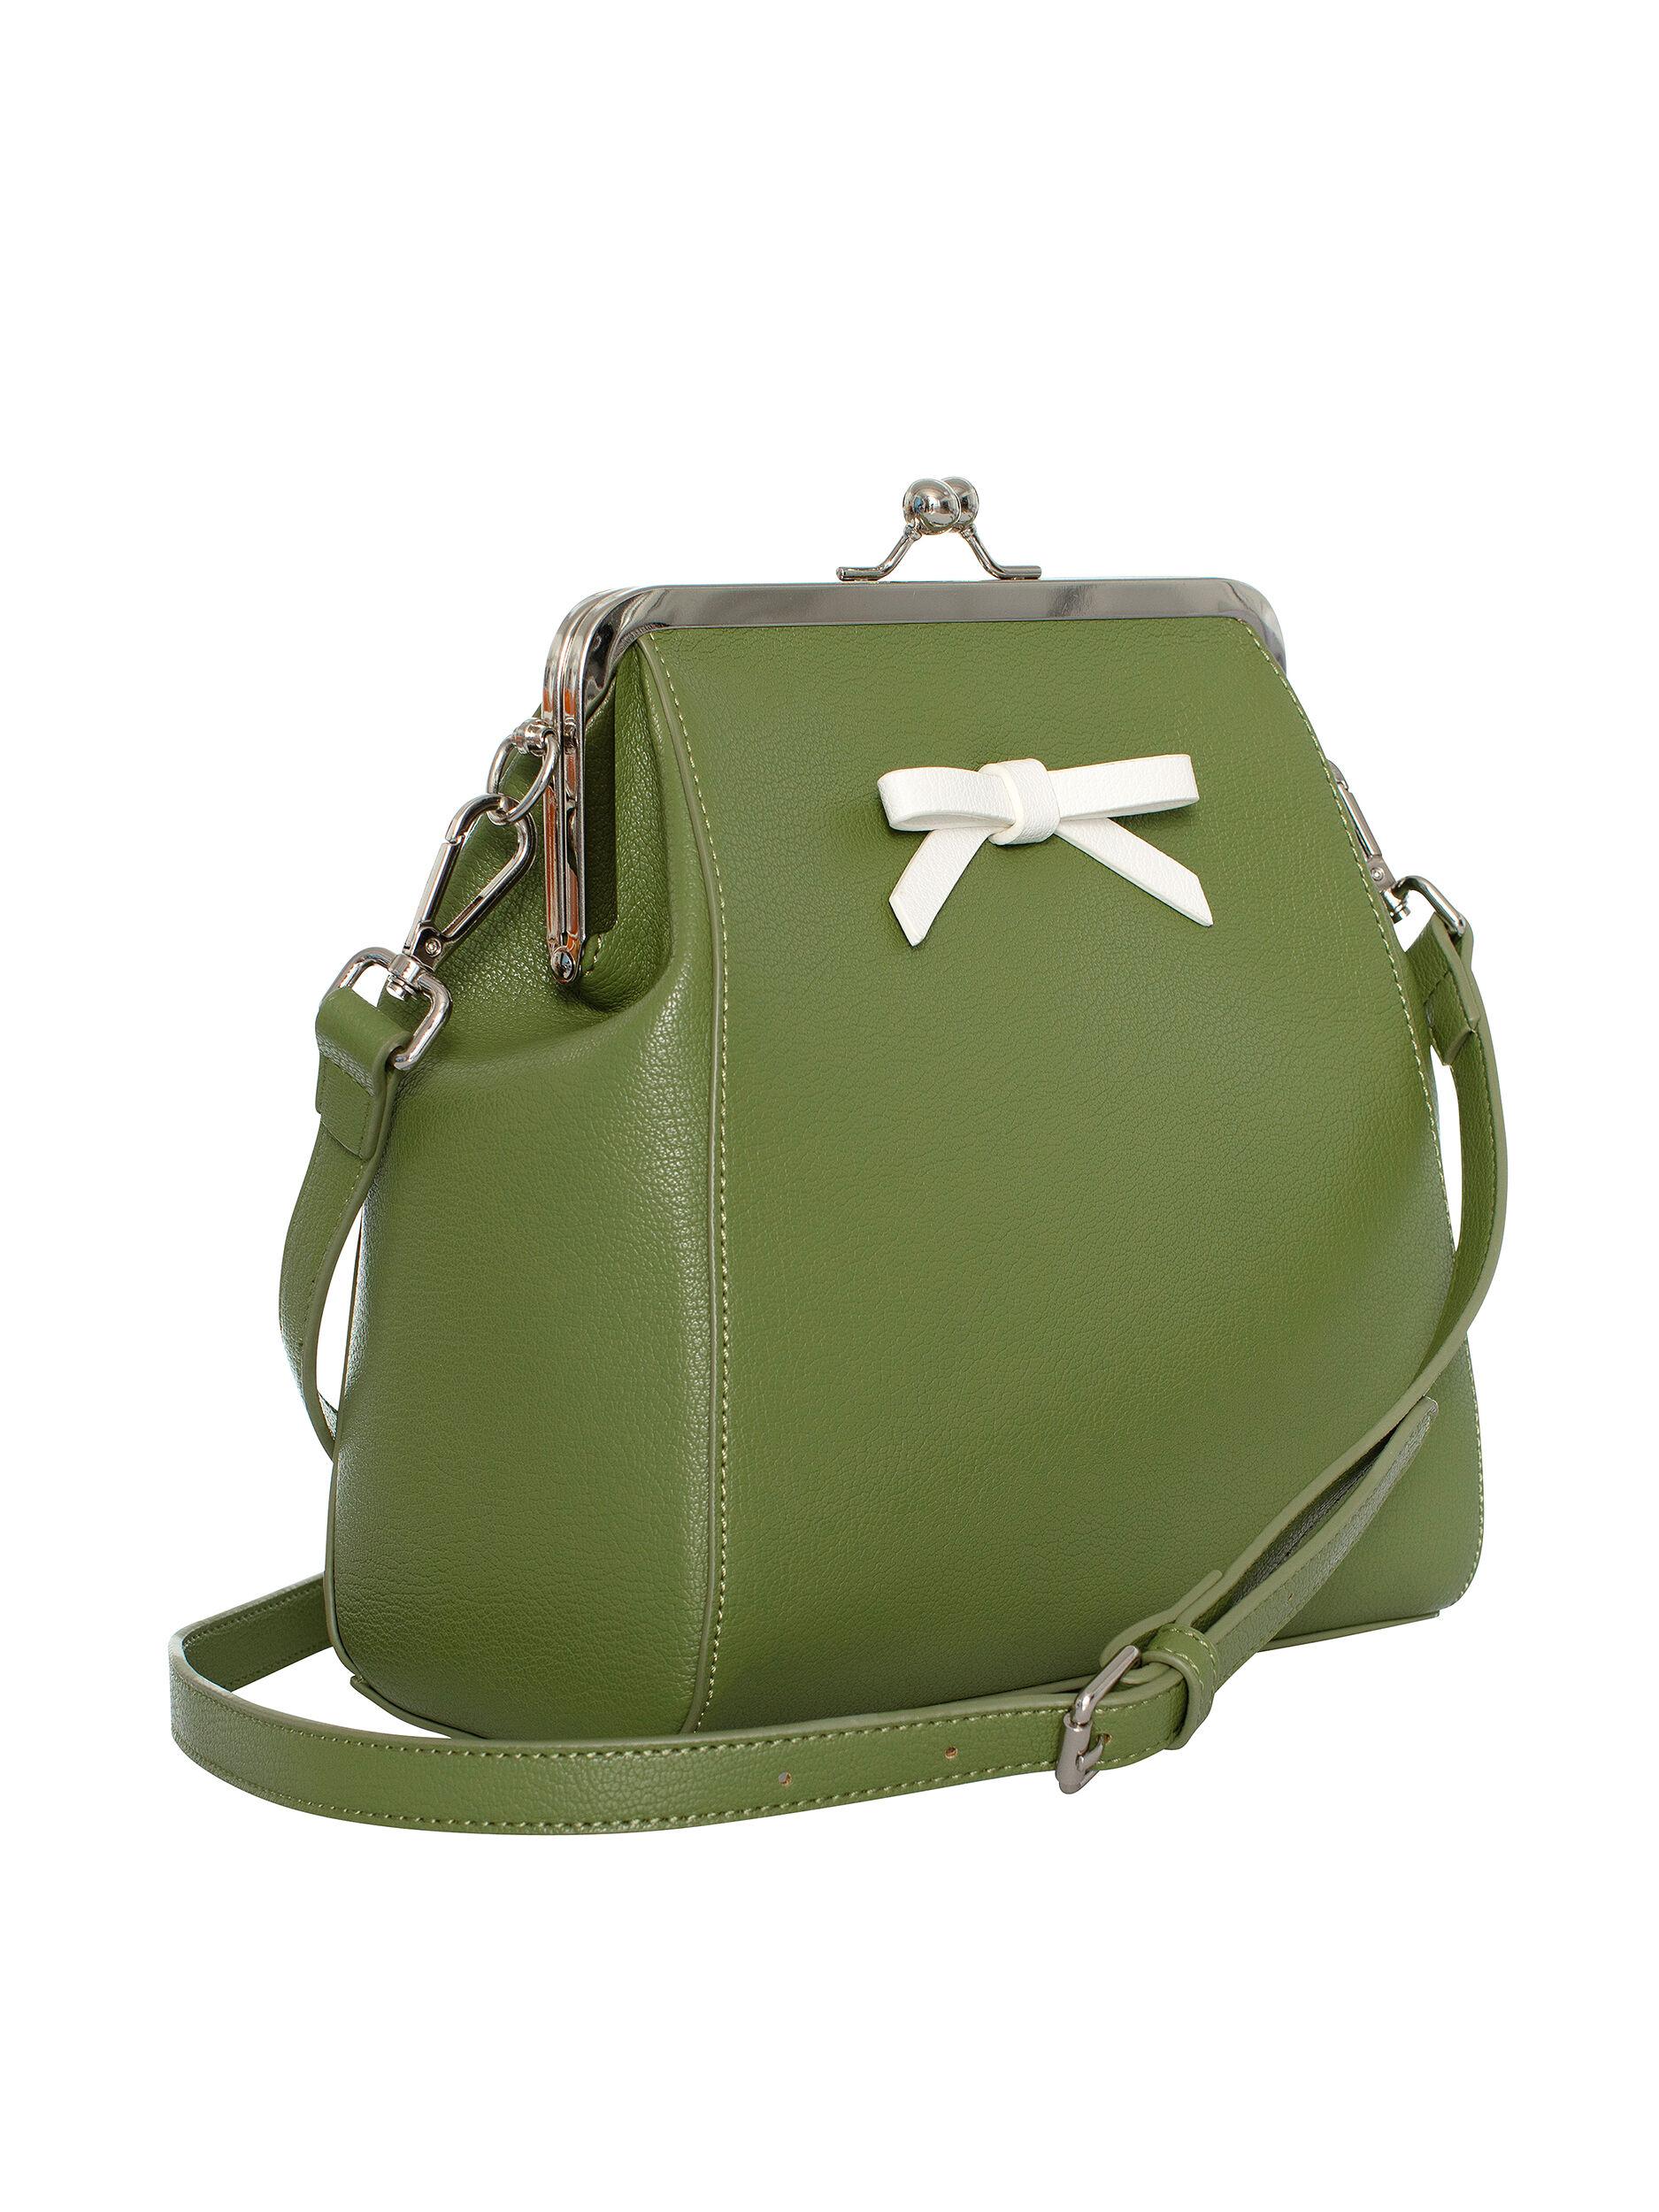 Your Smile Bag